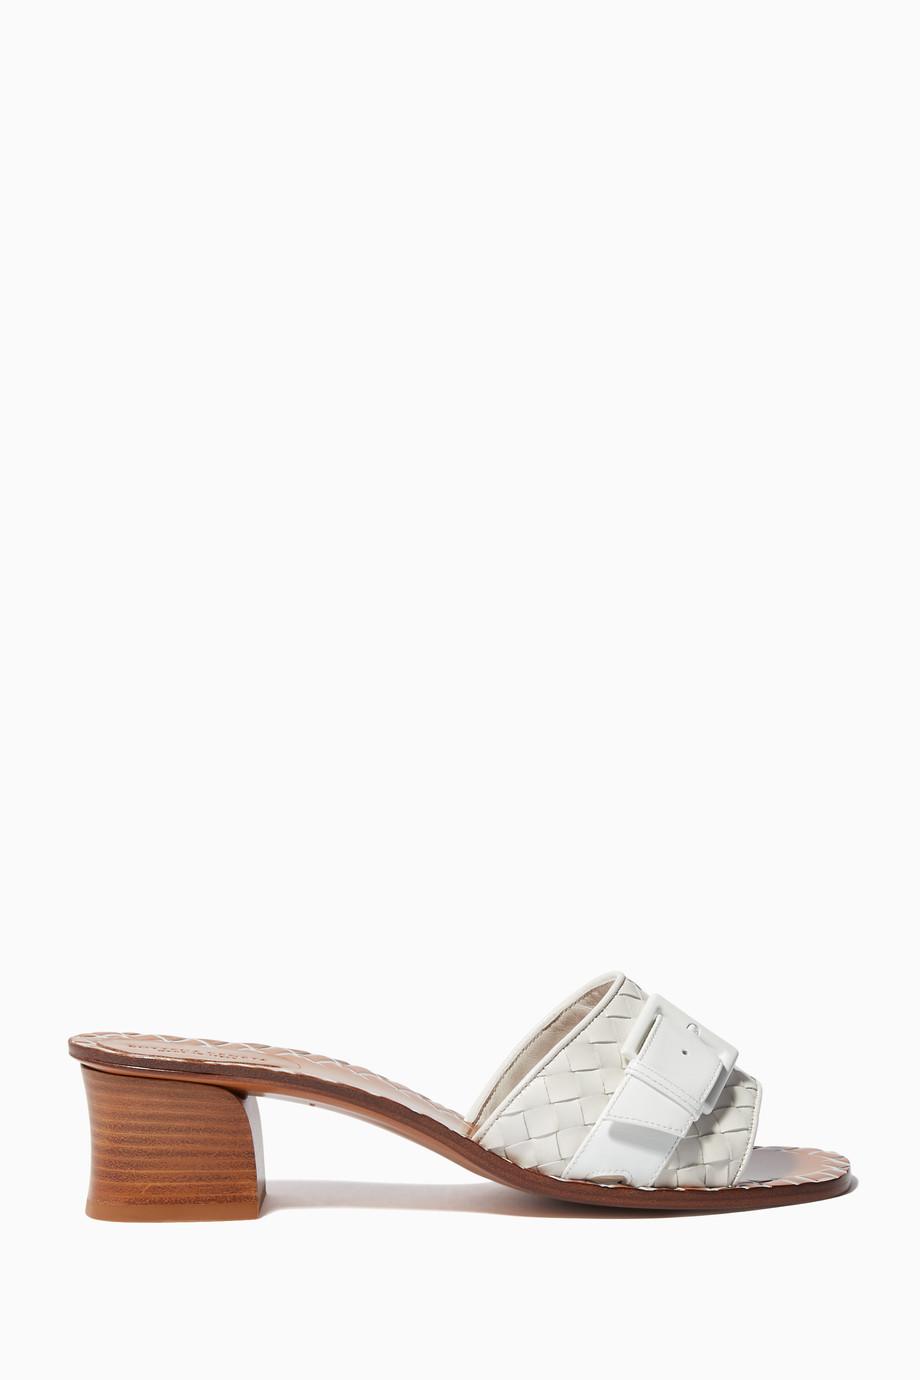 ea9a8d33a6f7b Shop Bottega Veneta White Ravello Patent Leather Mule Sandal for ...